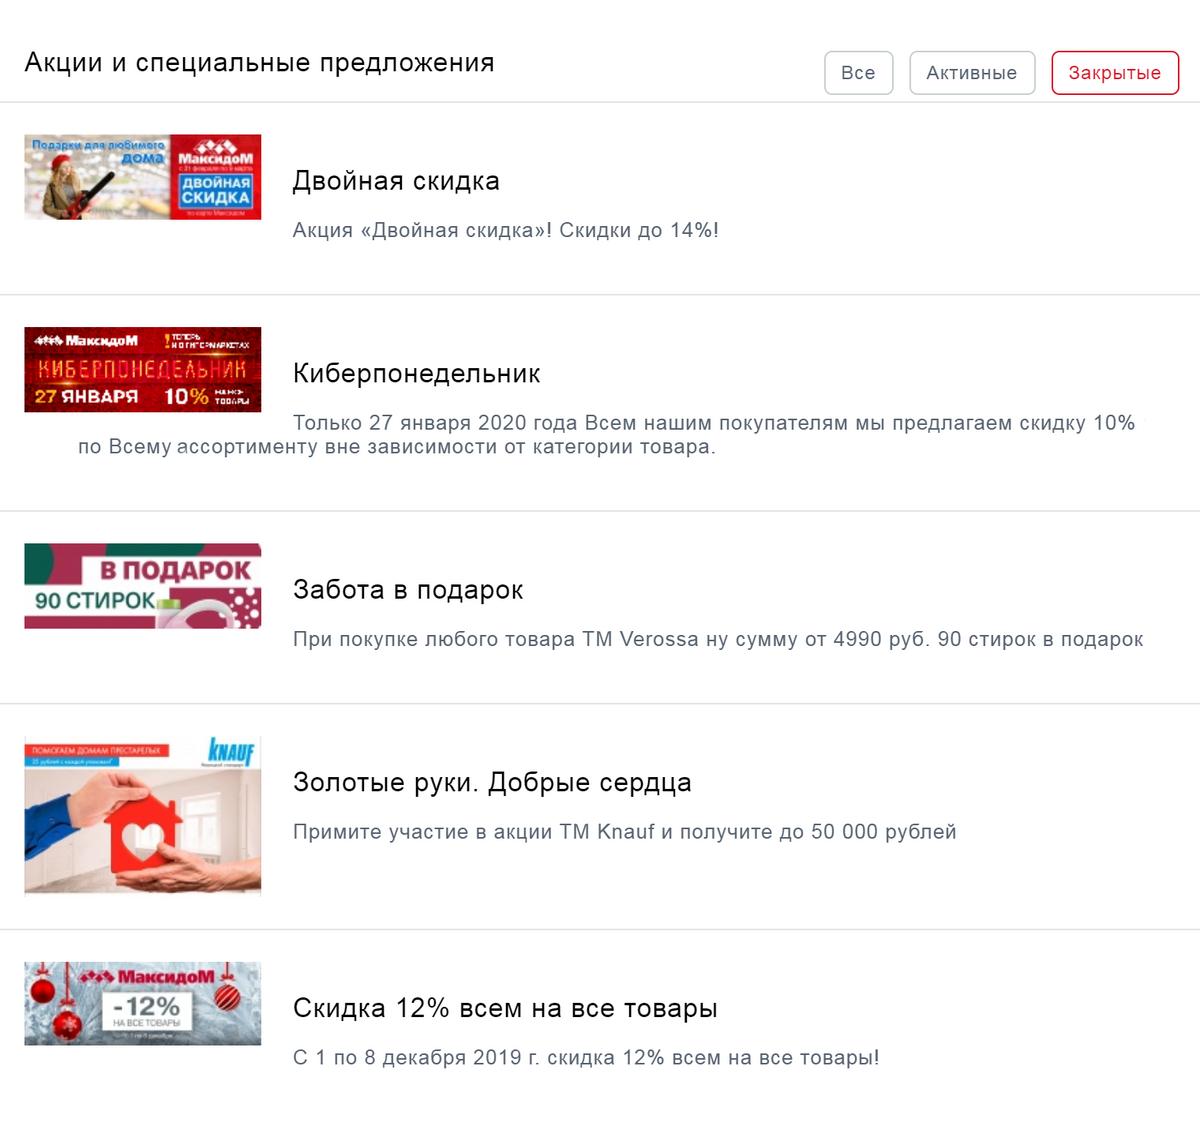 На сайте «Максидома» есть раздел с акциями. Там часто бывает скидка 10—12% на все товары